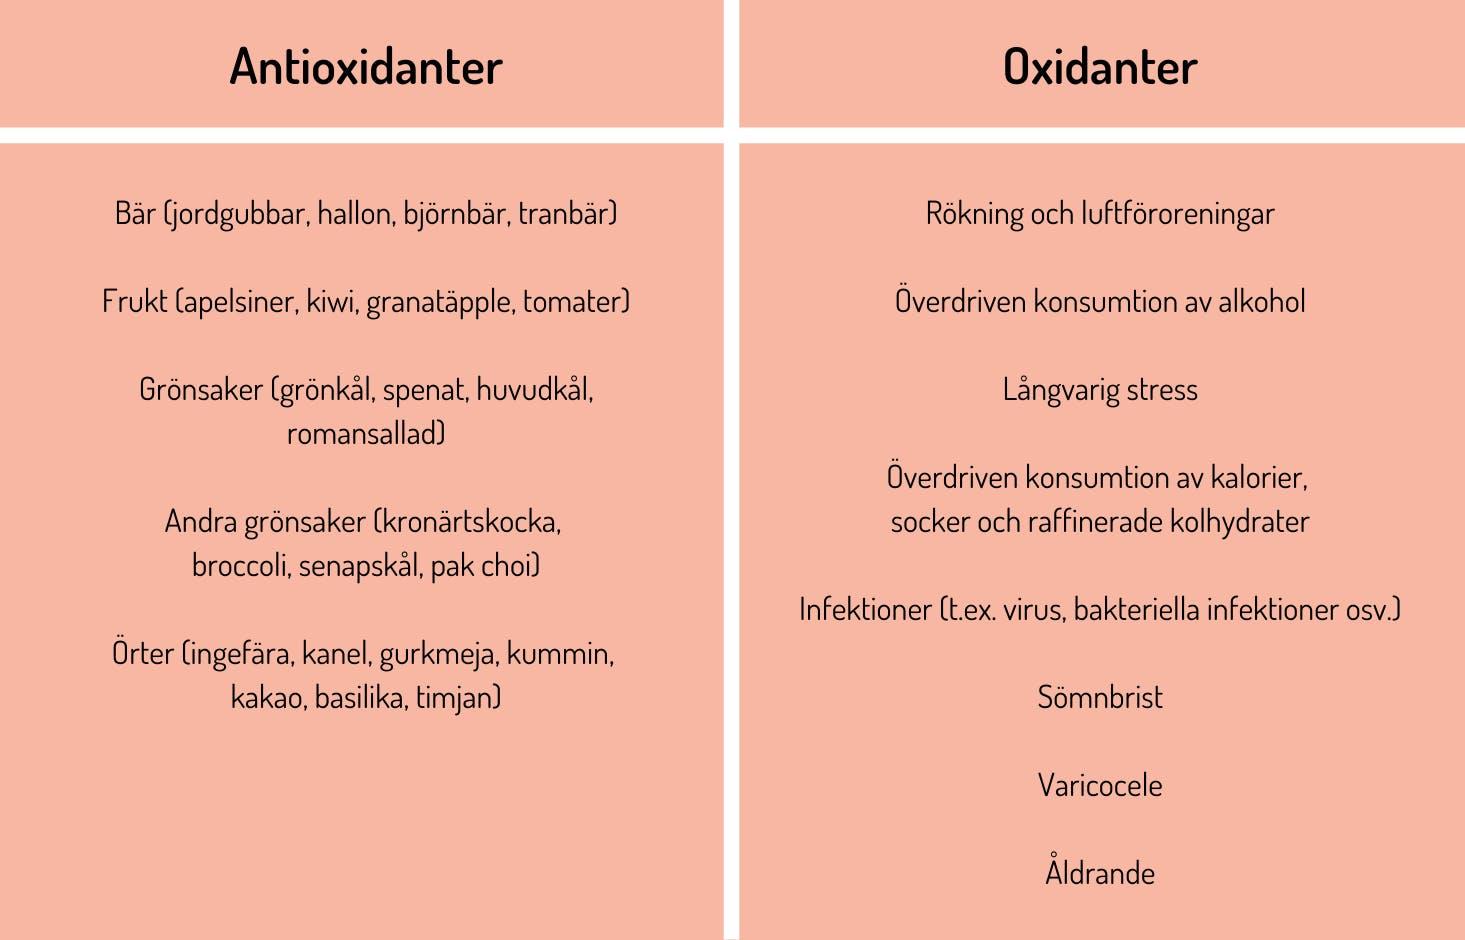 Tabell över antioxidanter och oxidanter